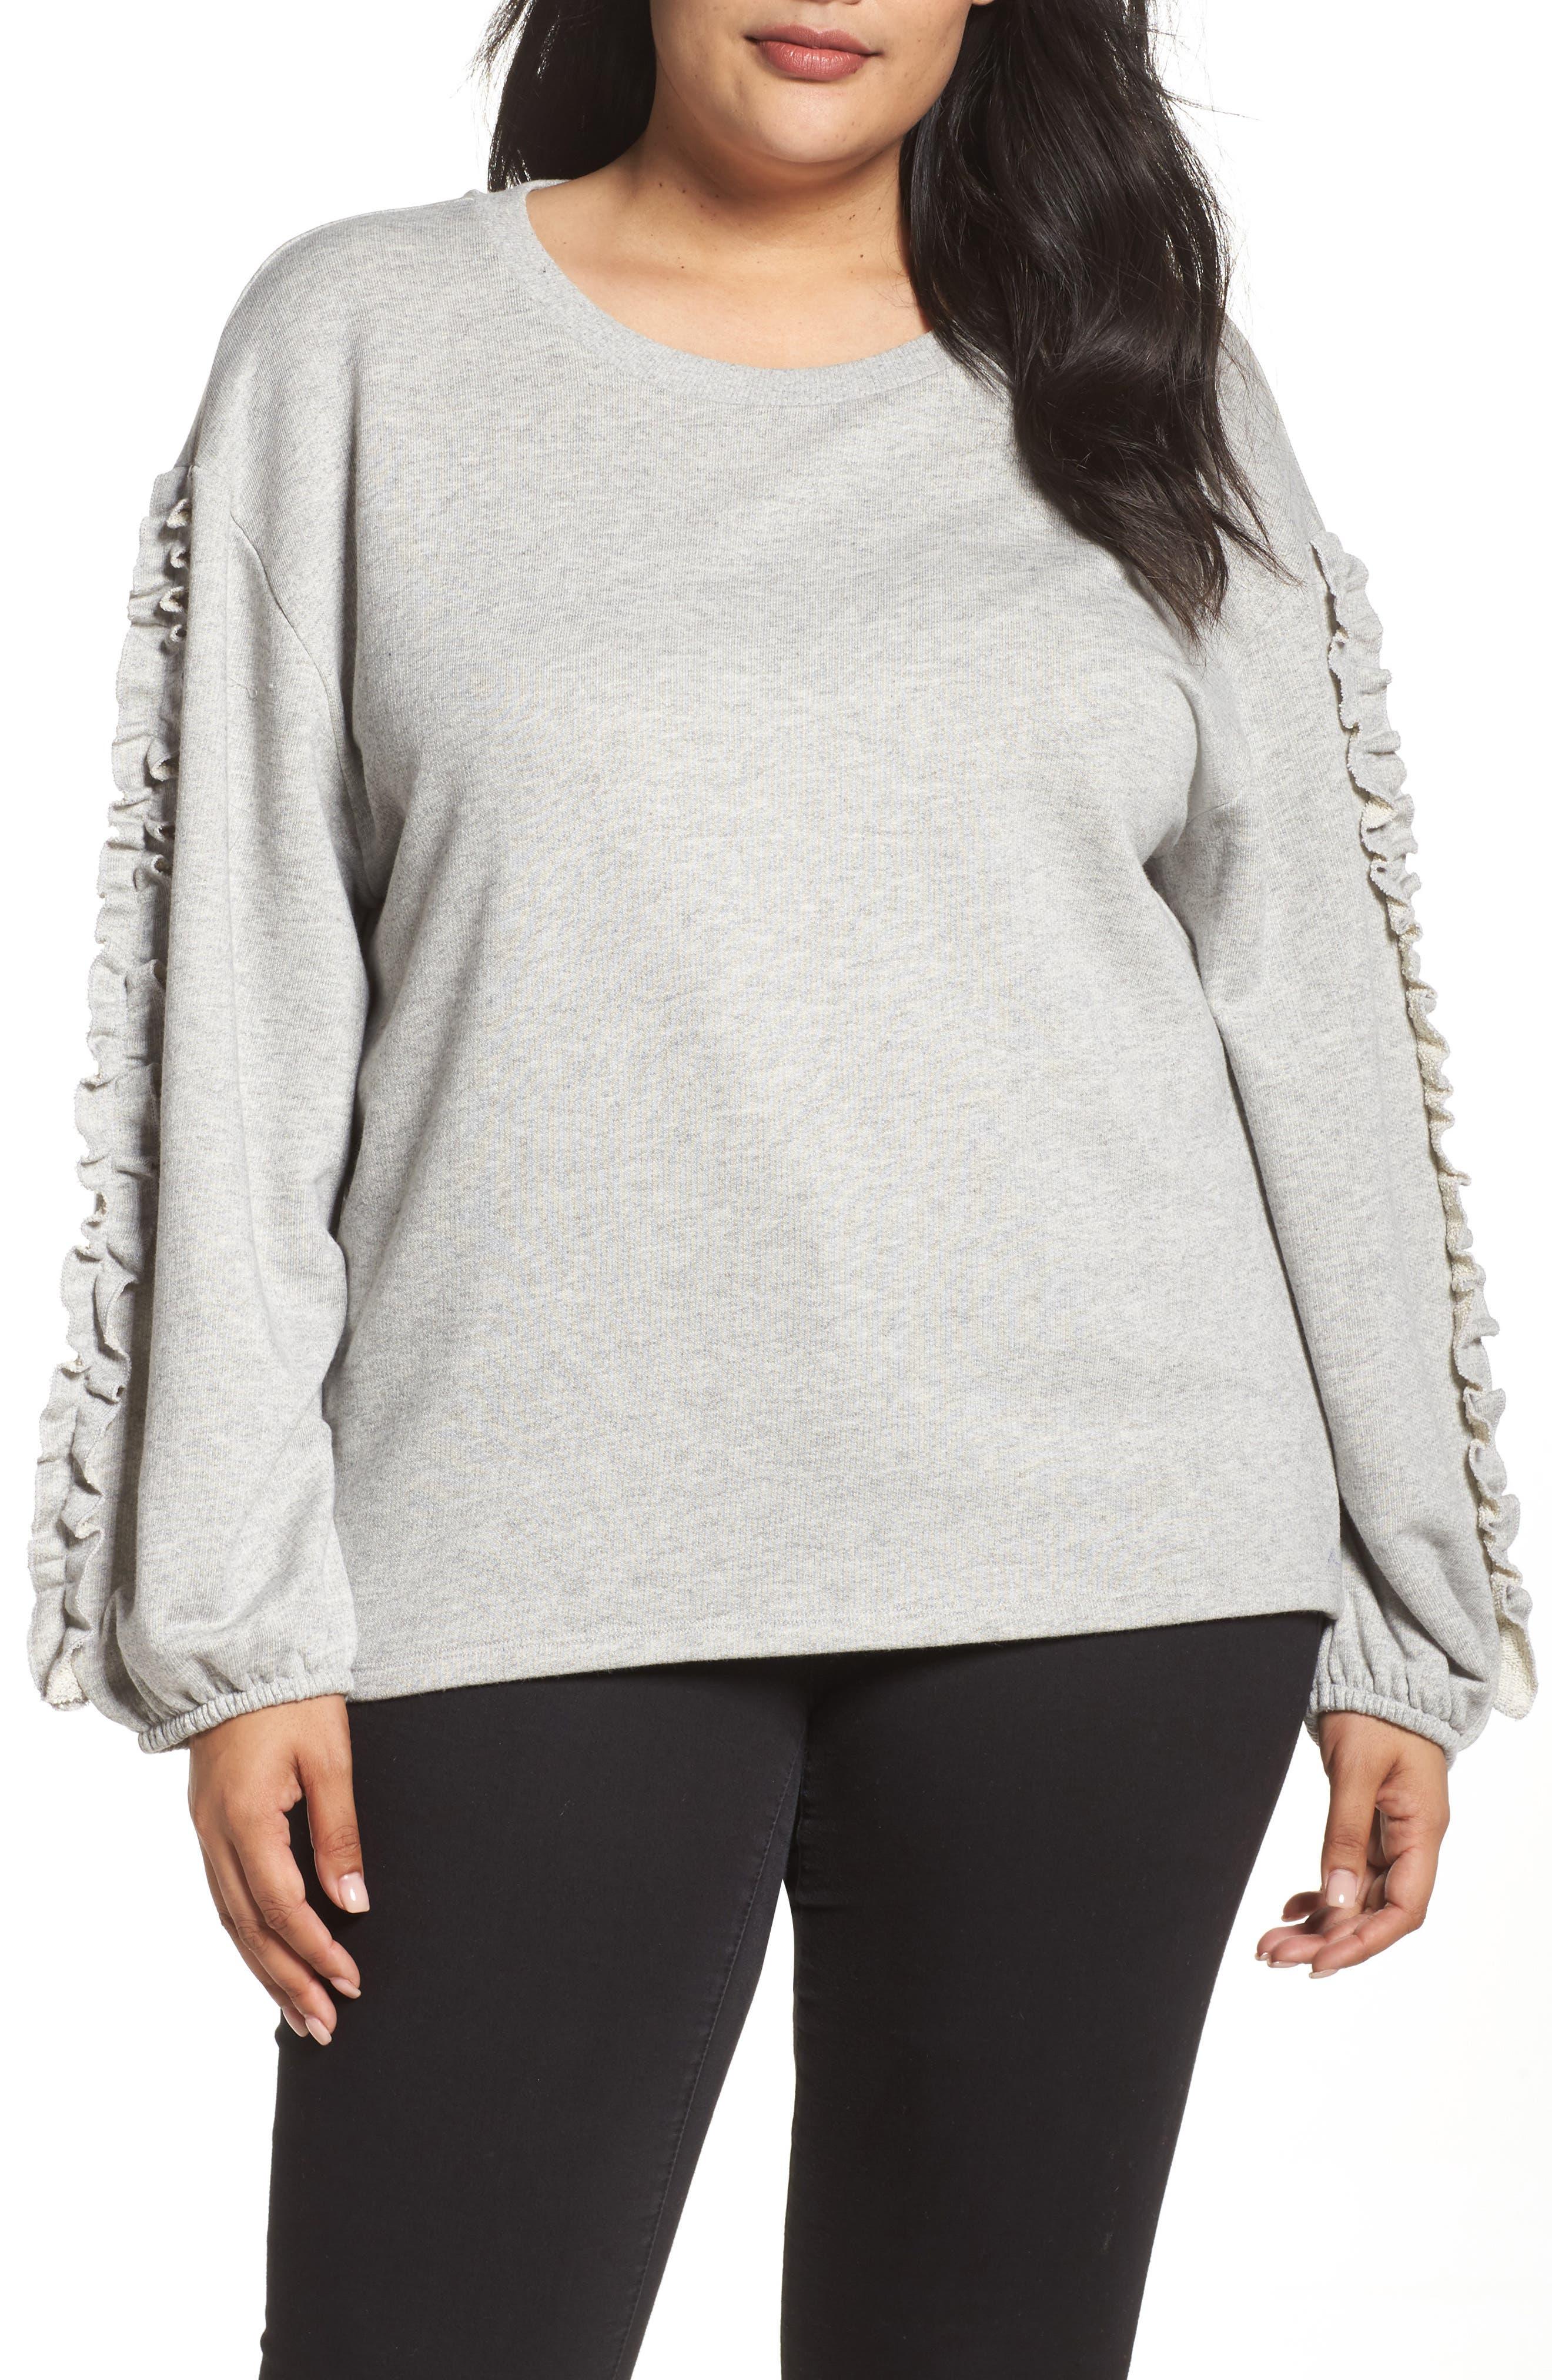 Ruffle Sleeve Sweatshirt,                             Main thumbnail 1, color,                             Grey Heather